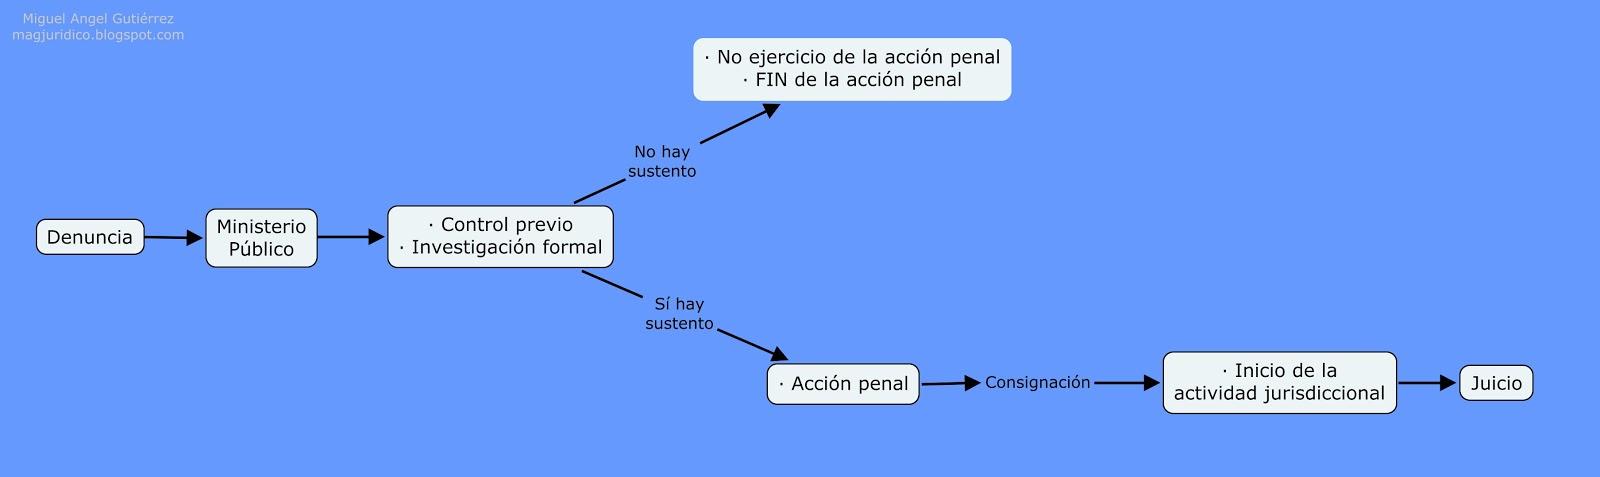 Jurdico m a g etapas del procedimiento penal mexicano hay quienes dicen que el proceso penal inicia o bien con la denuncia que ya sealamos como condicin indispensable independientemente de que prospere o ccuart Images